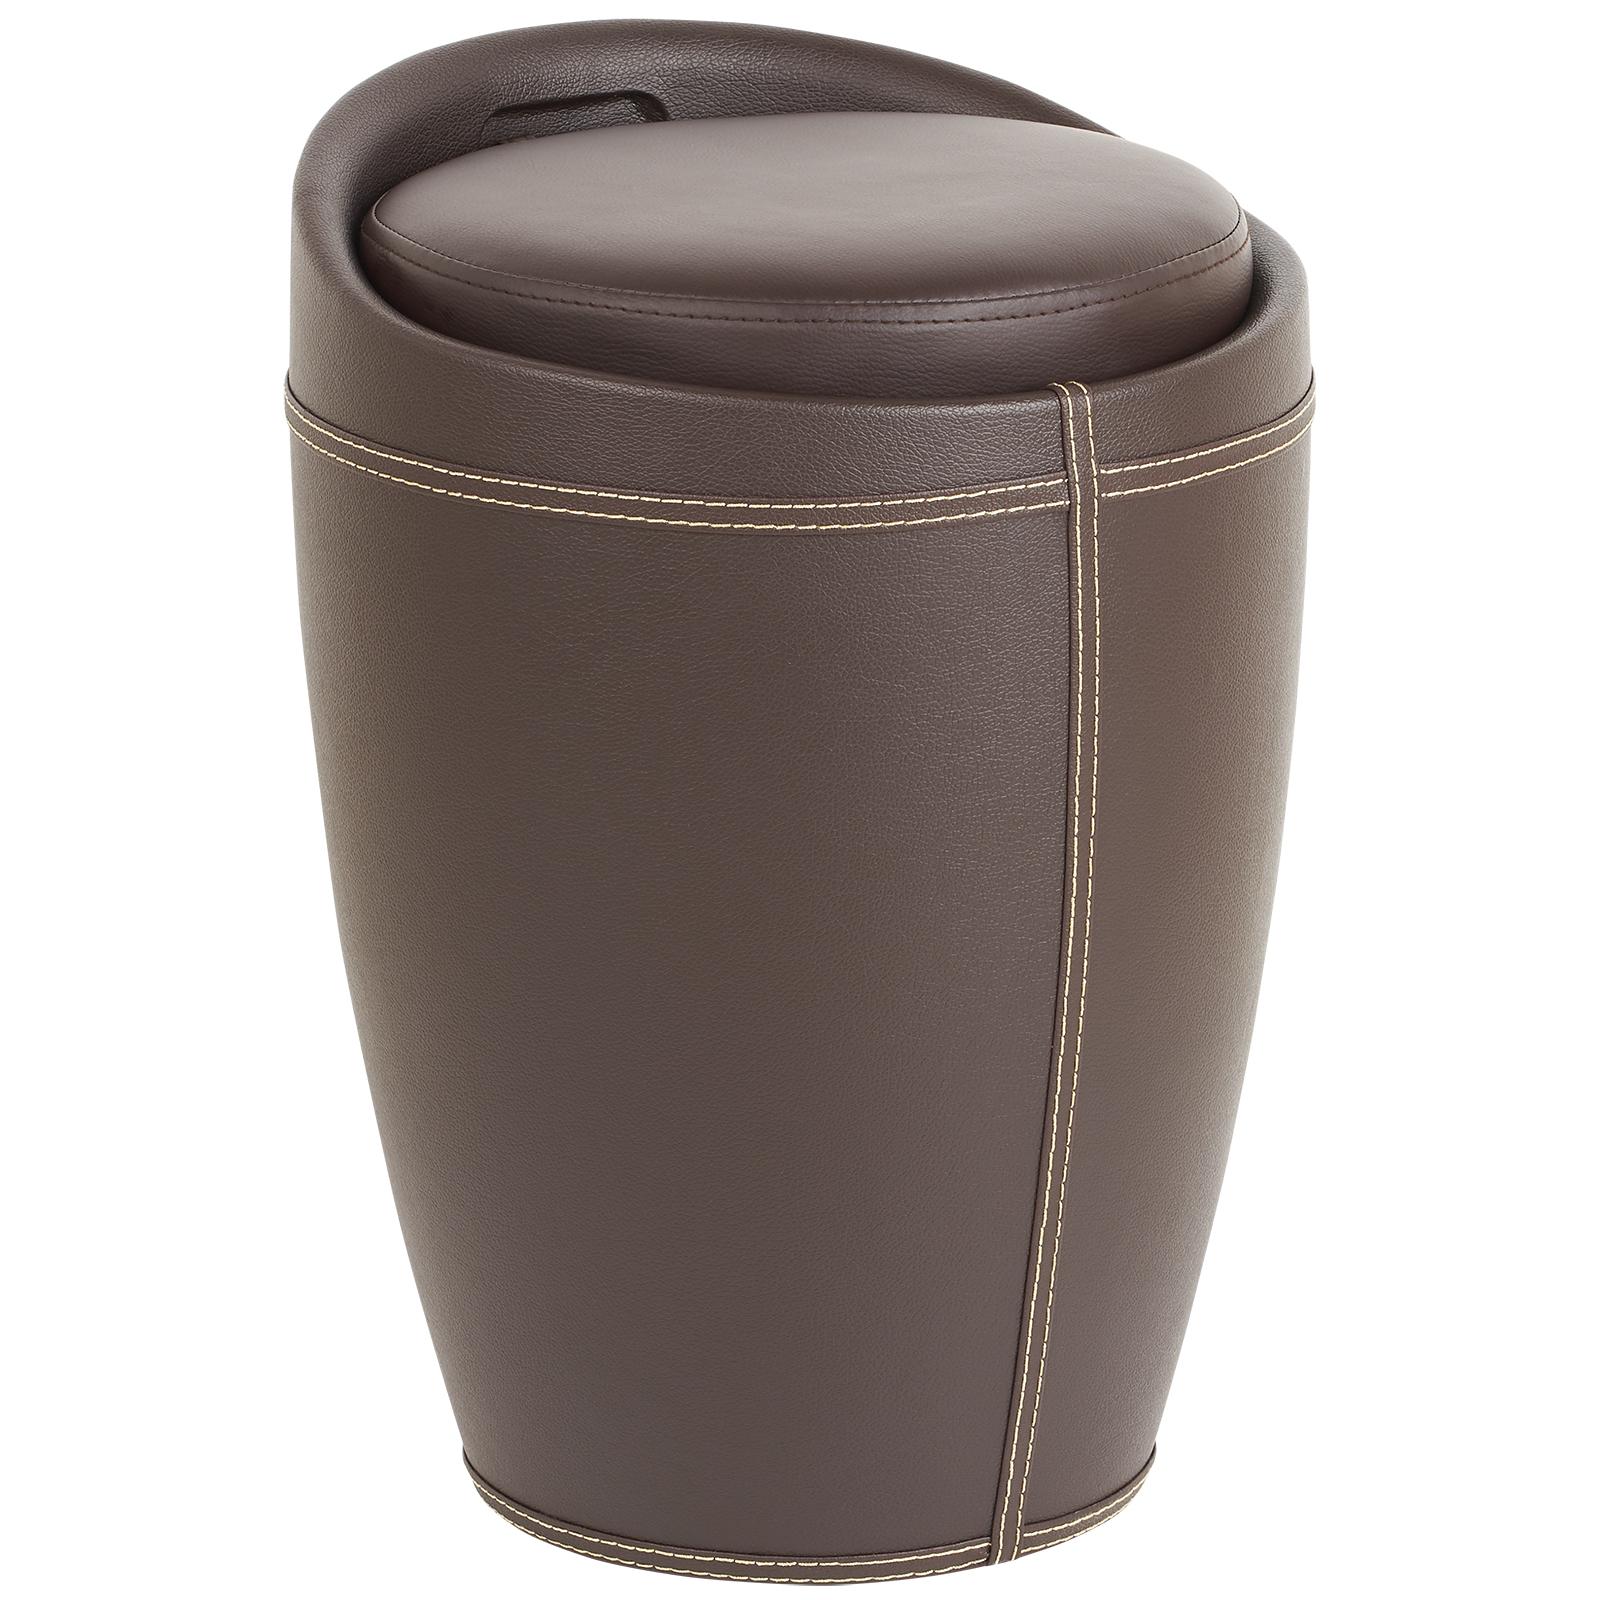 Faux Leather Hidden Storage Ottoman Stool Box Tub Barrel